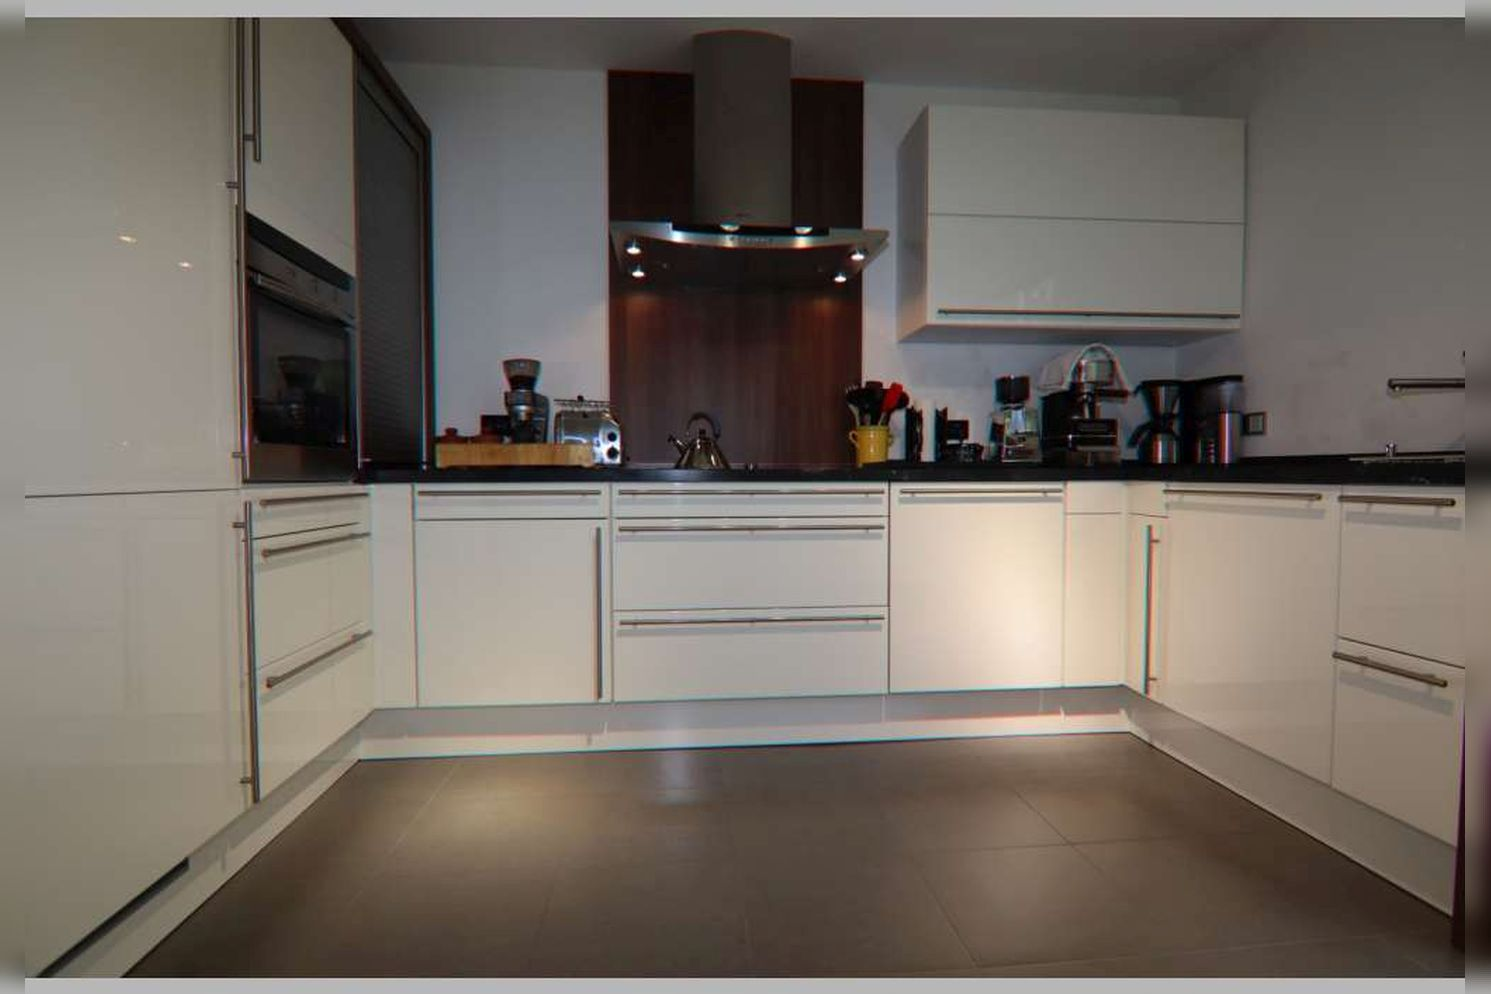 Immobilie Nr.0267 - Doppelhaushälfte mit 4 Zimmern, Küche, Diele, Badzimmer, Gäste-WC, Garten und Garage - nicht unterkellert - Bild 11.jpg